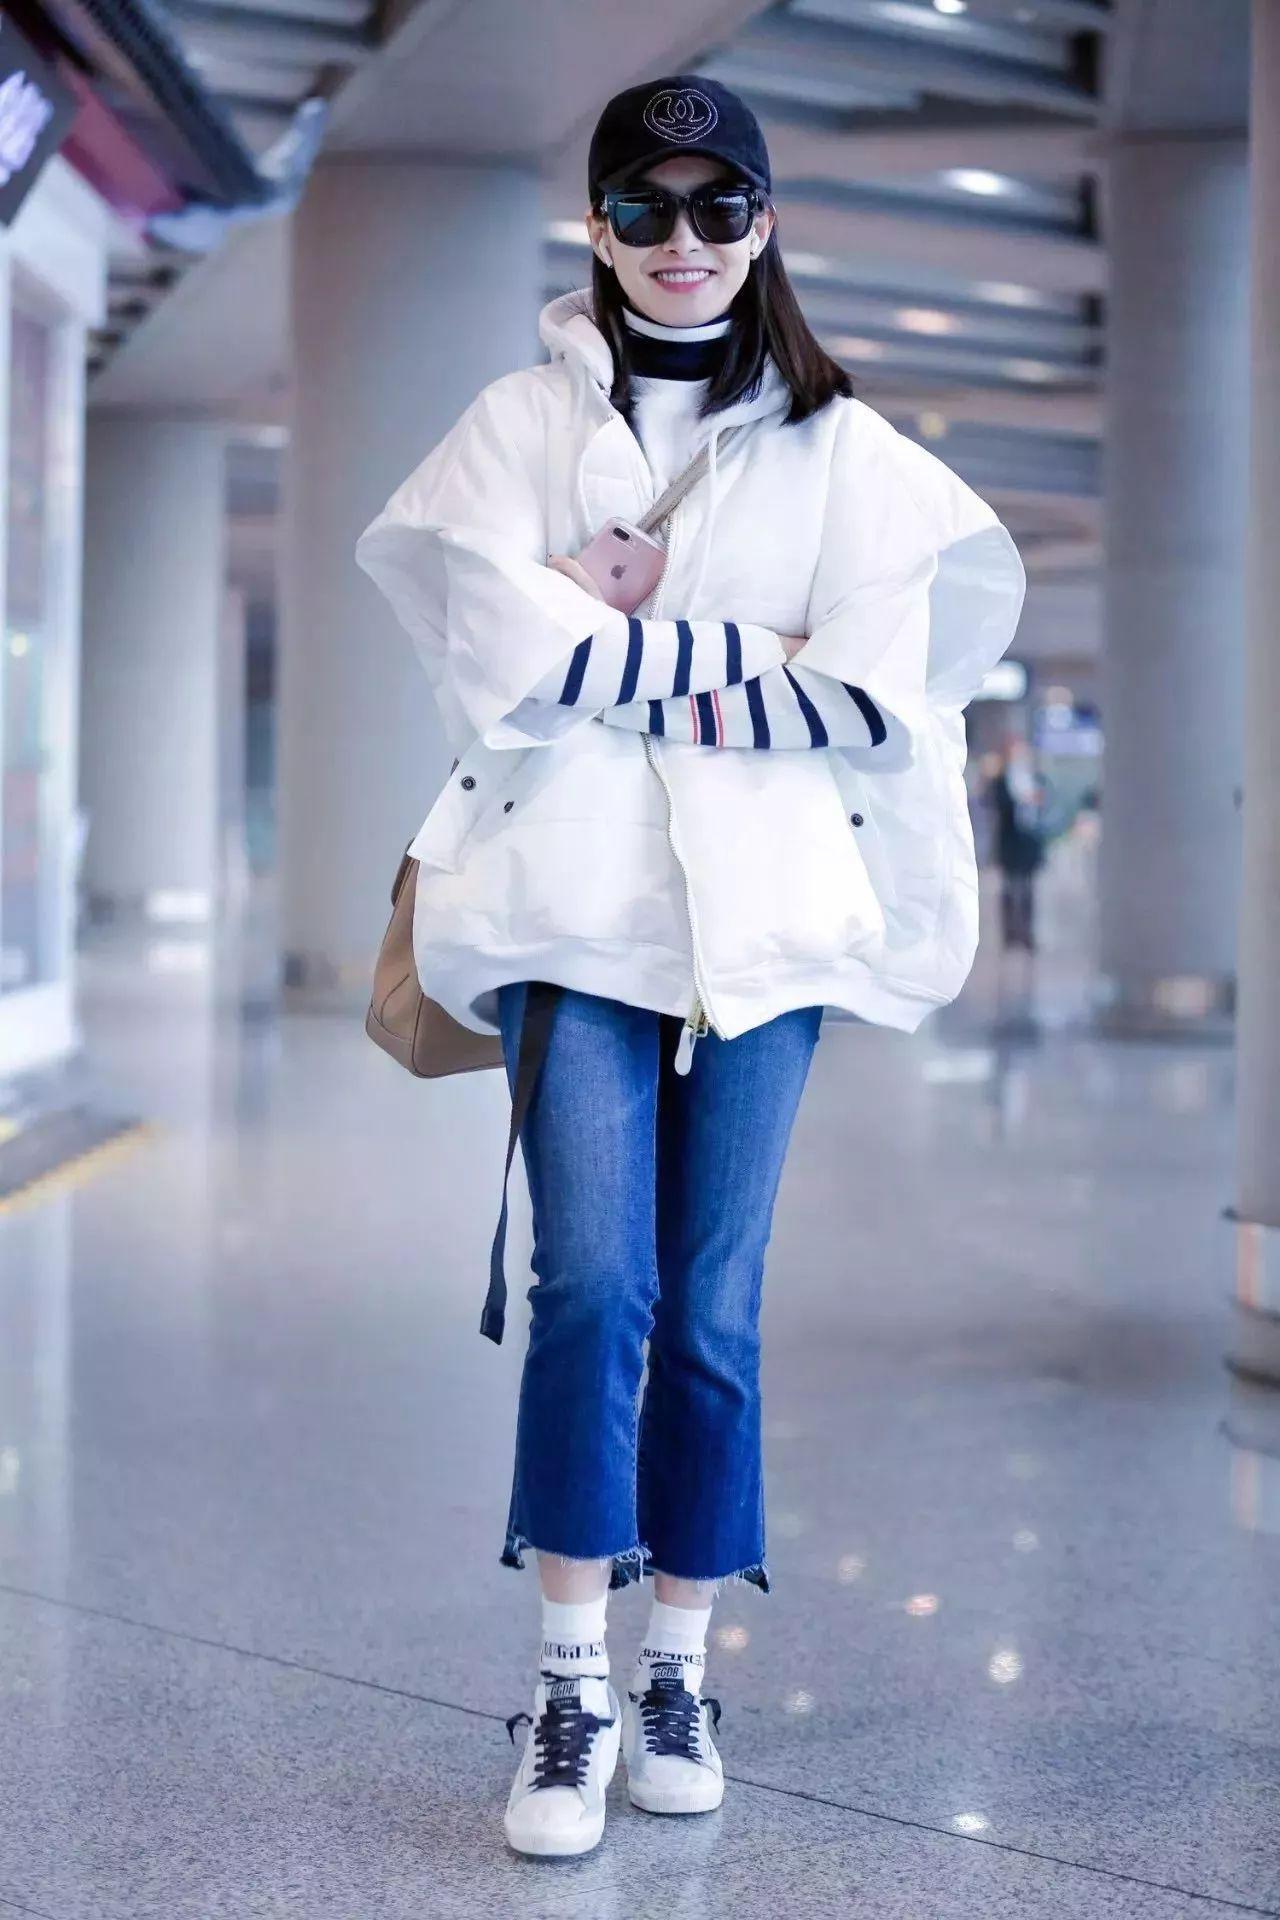 羽绒服+阔腿裤,竟然可以这么时髦保暖!!